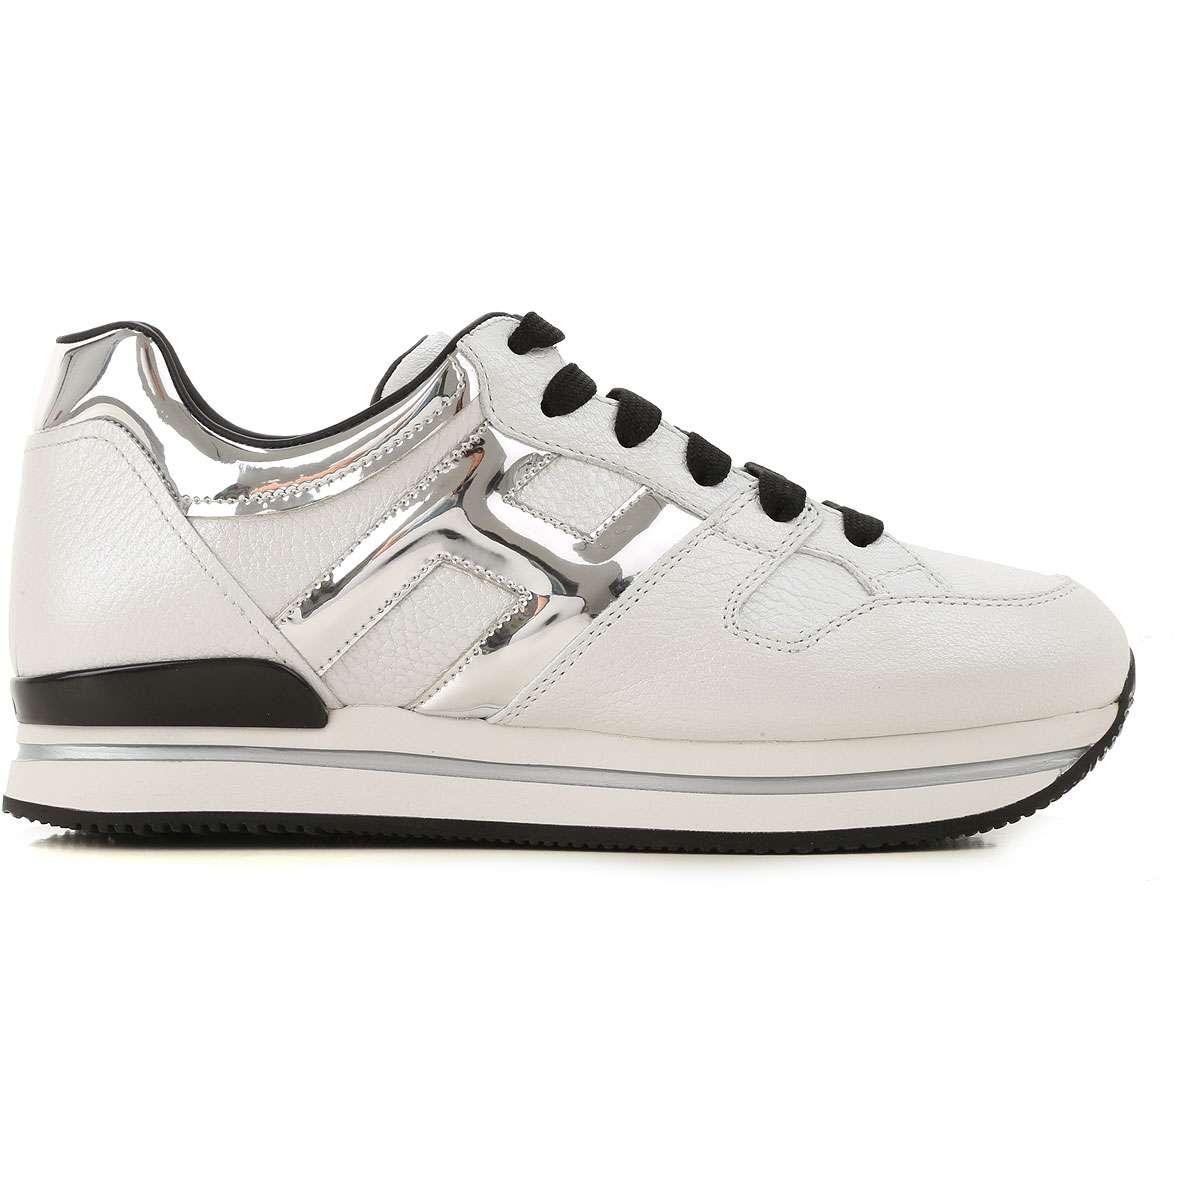 https://www.parmax.com/media/catalog/product/a/i/AI-outlet_parmax-scarpe-donna-Hogan-hxw2220t548ljz0351-A.jpg